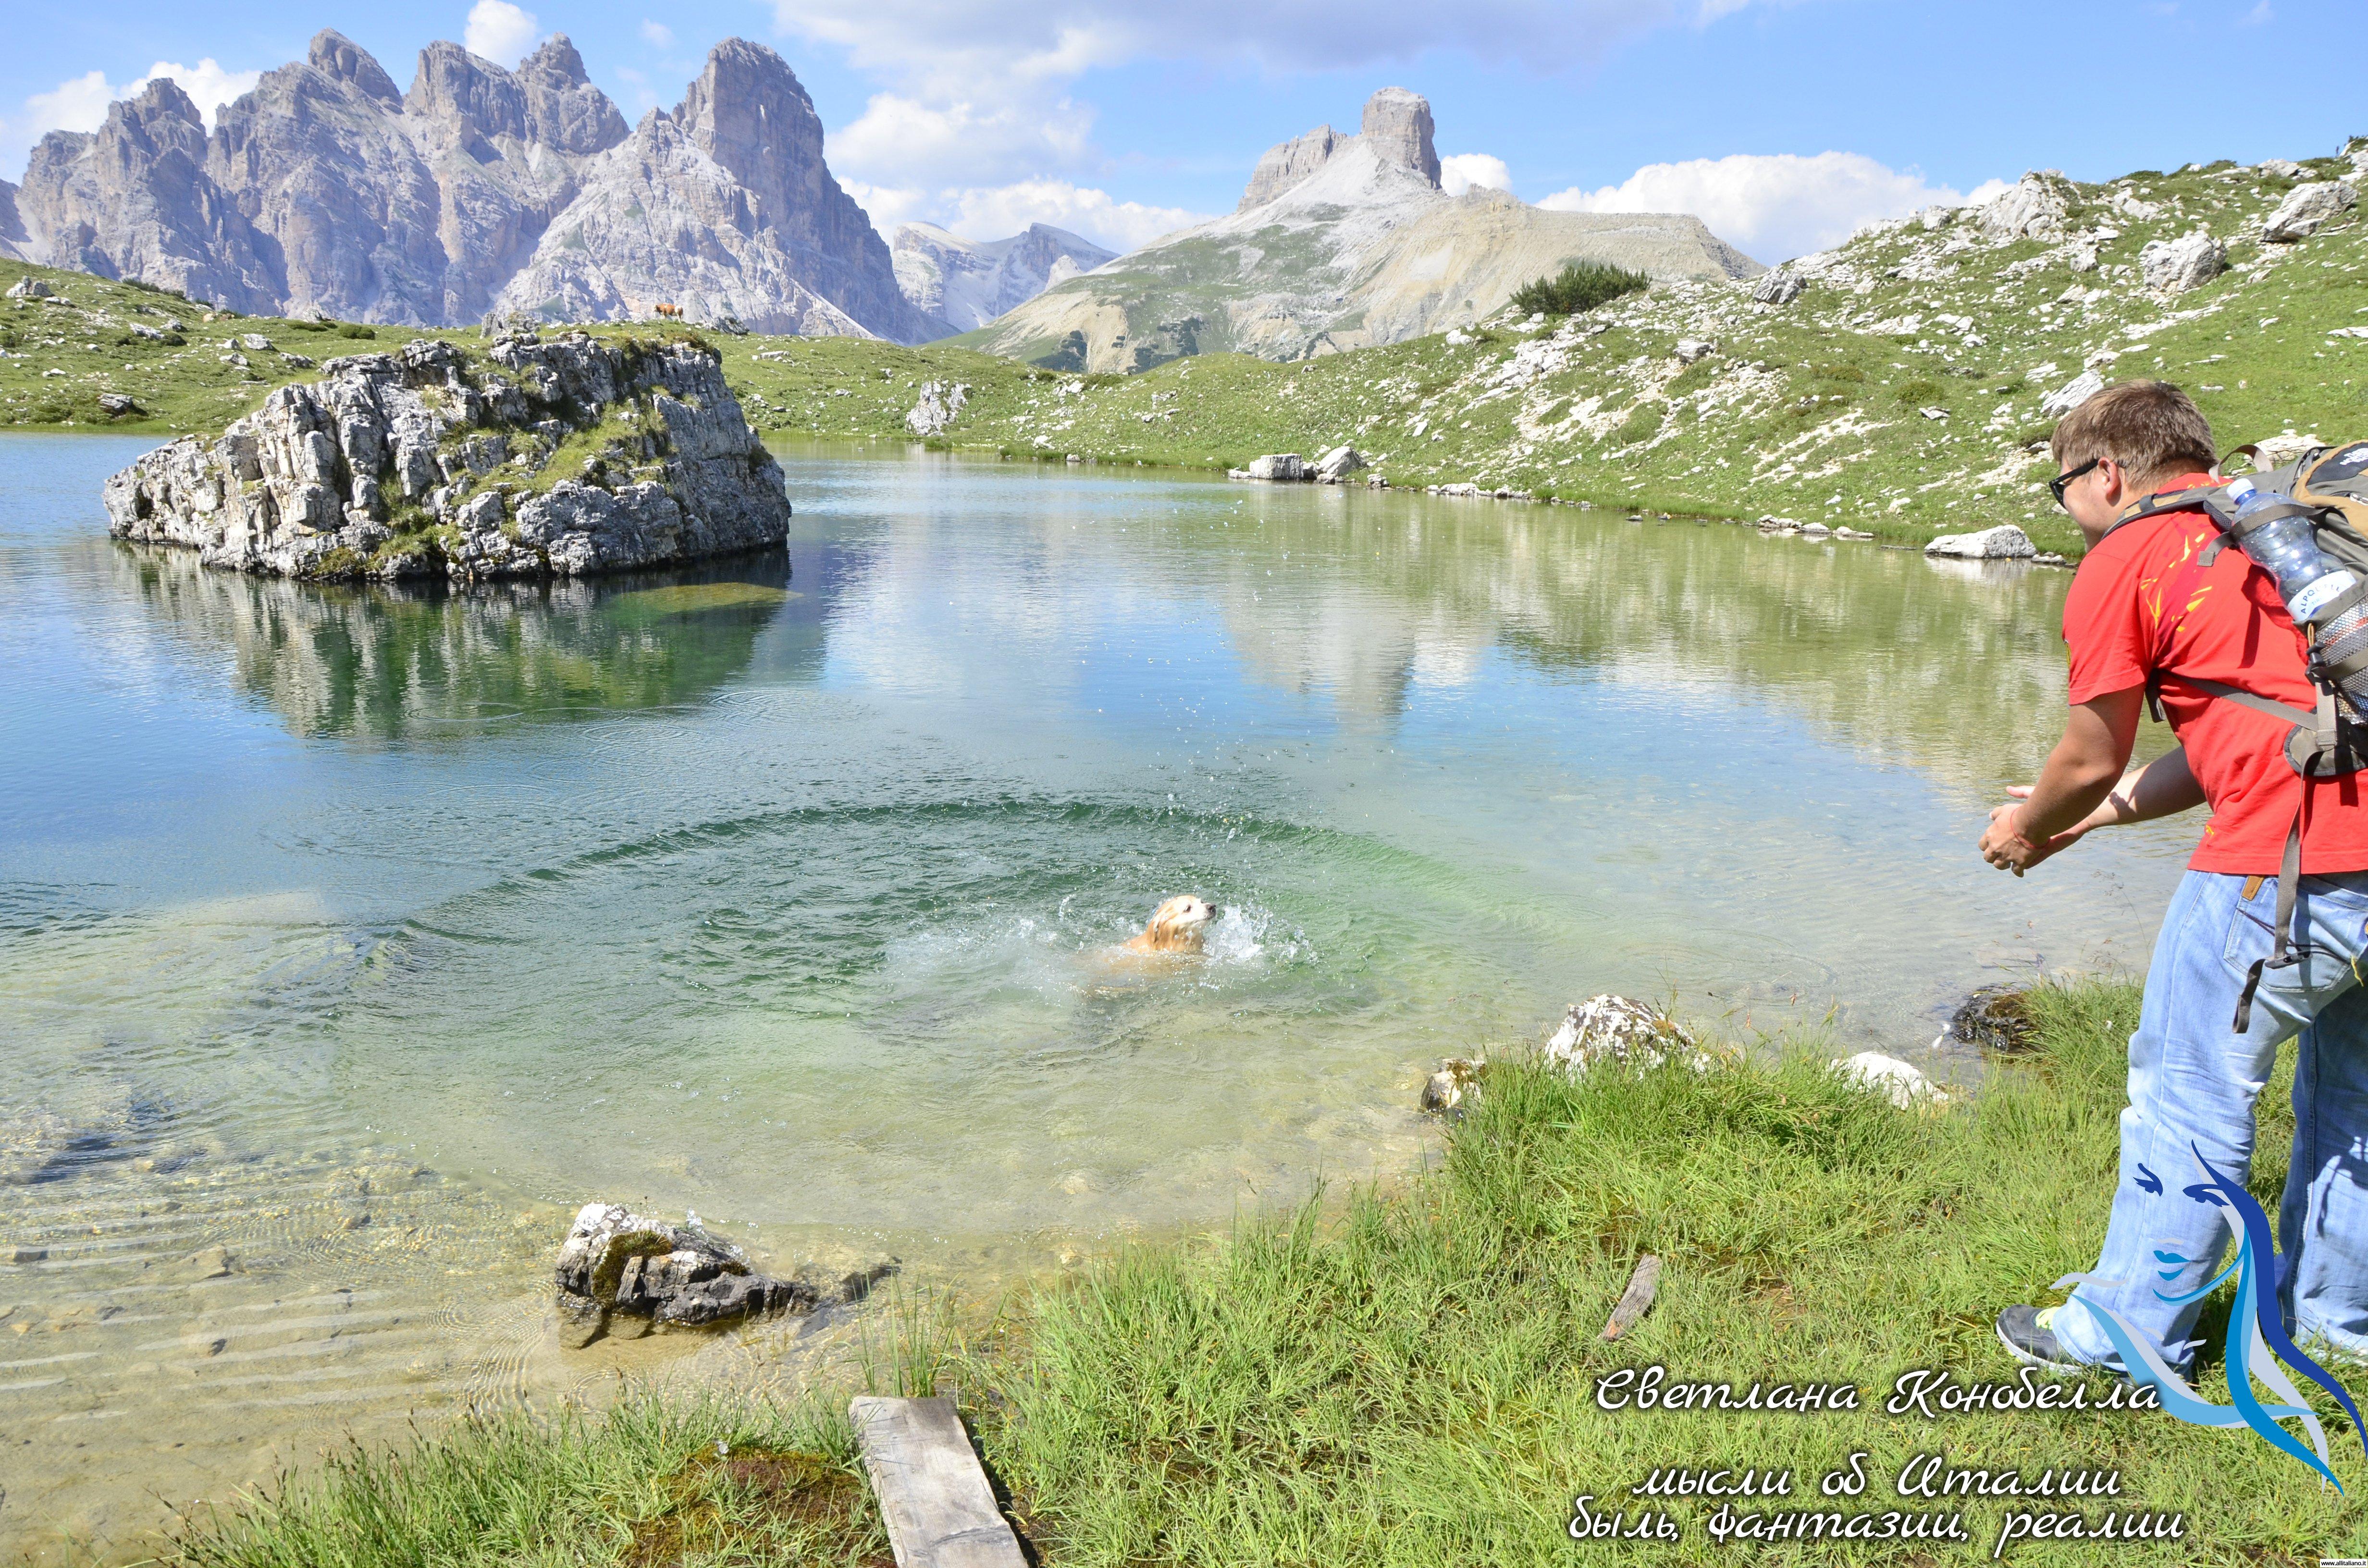 svetlana-konobella-italy-italia- gornye-puteshestvija-dolomitovye-alpy-trekking-hiking-juzhnyj-tirol-alto-adoge (6)